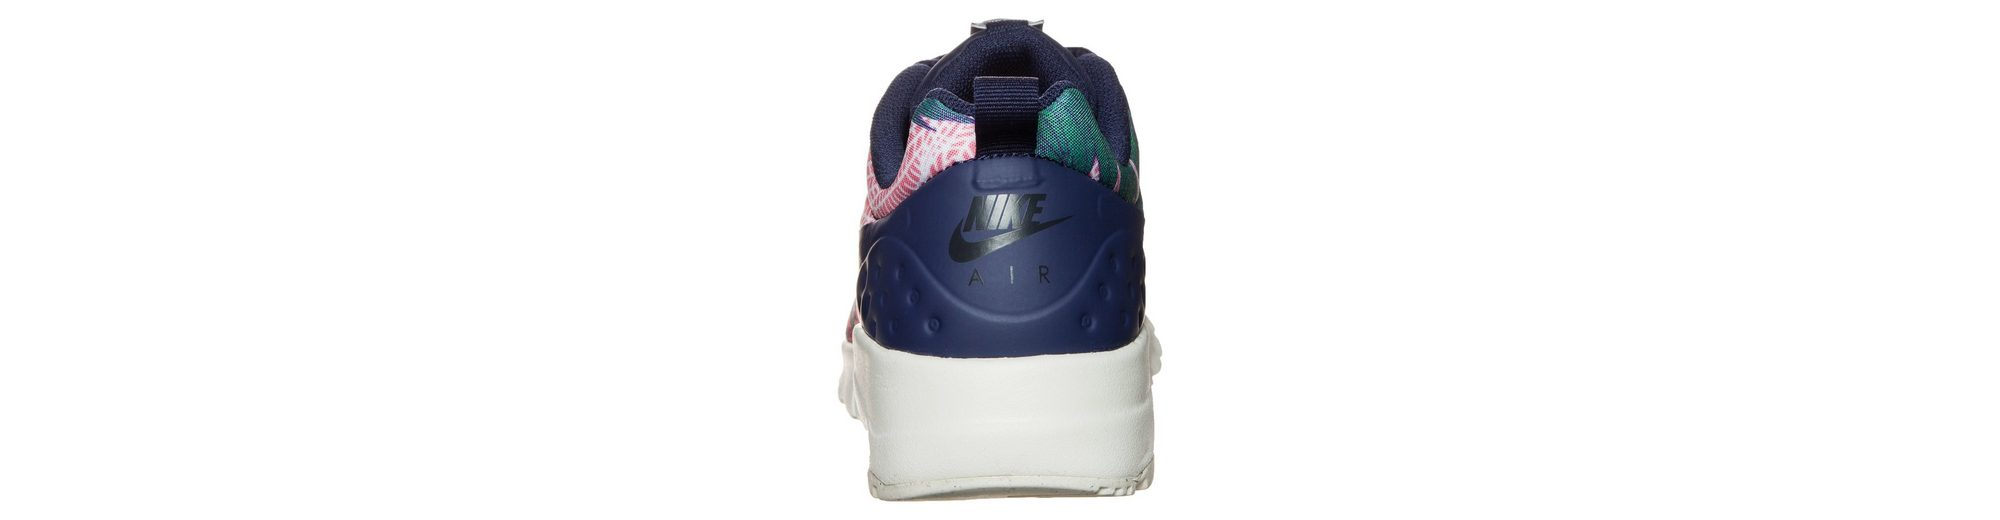 Viele Farben Nike Sportswear Air Max Motion LW Print Sneaker Damen Günstig Kaufen Breite Palette Von Bilder Im Internet In Deutschland Billig Alle Jahreszeiten Verfügbar N1aBuelmNX